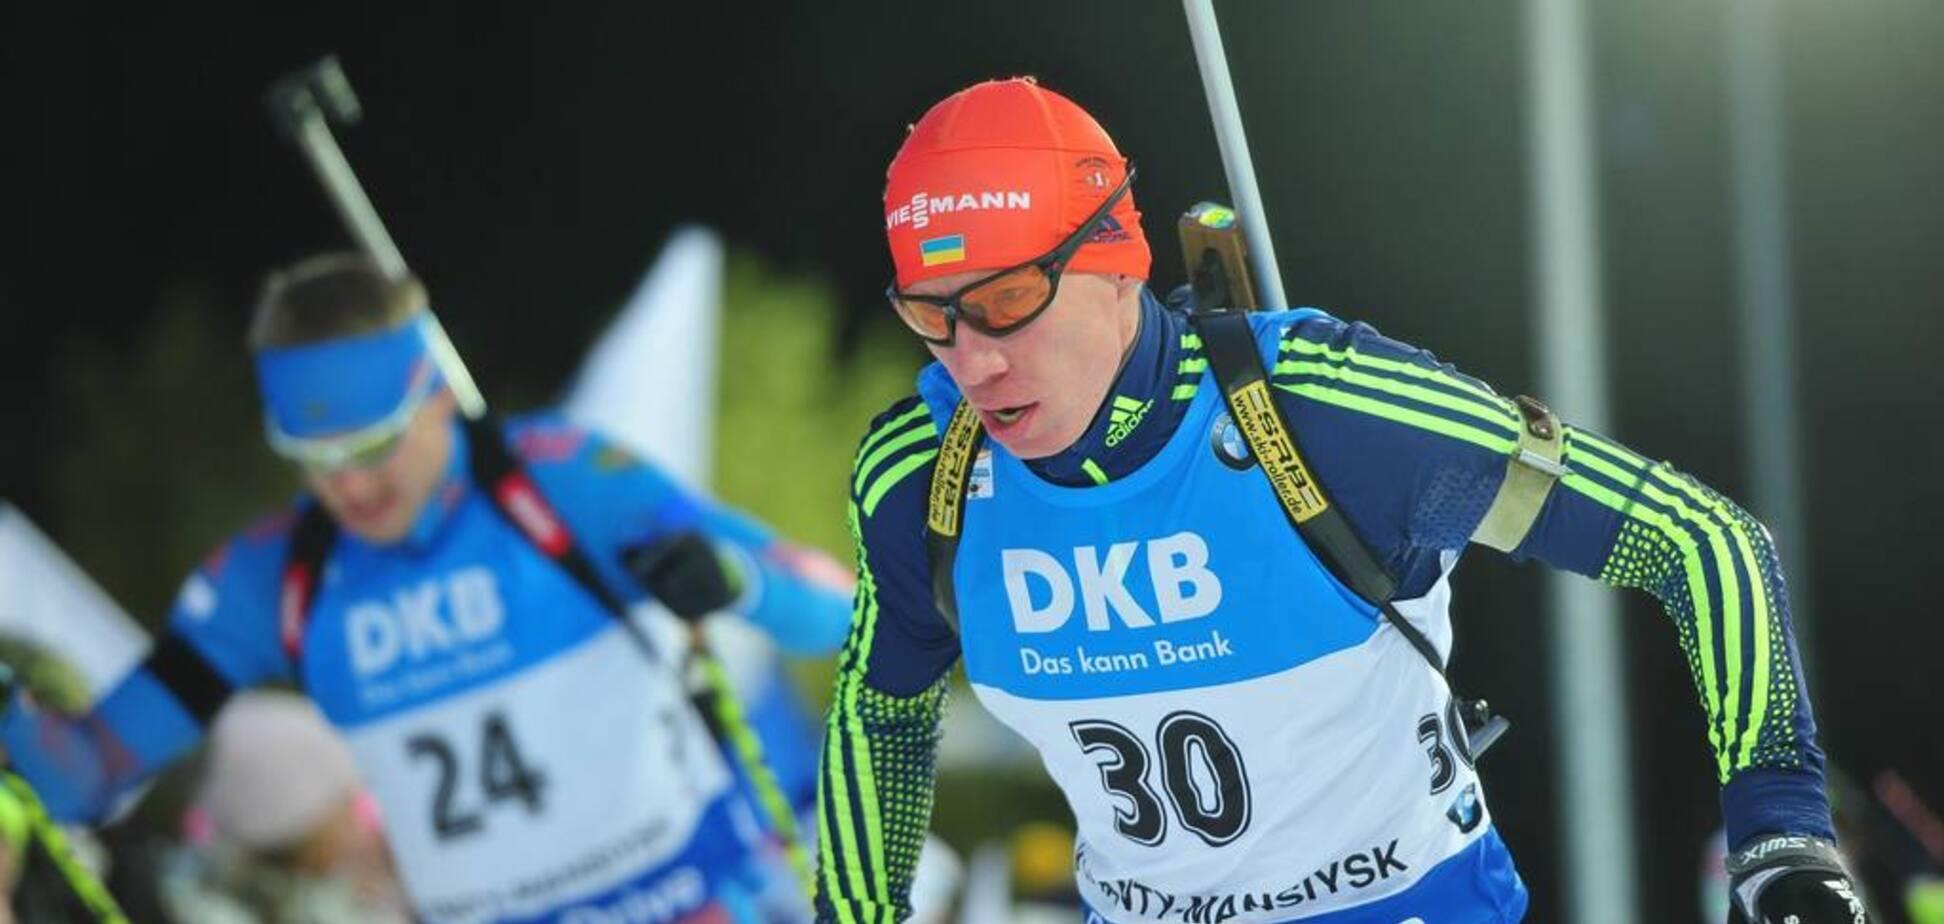 Экс-биатлонист сборной Украины выиграл чемпионат России